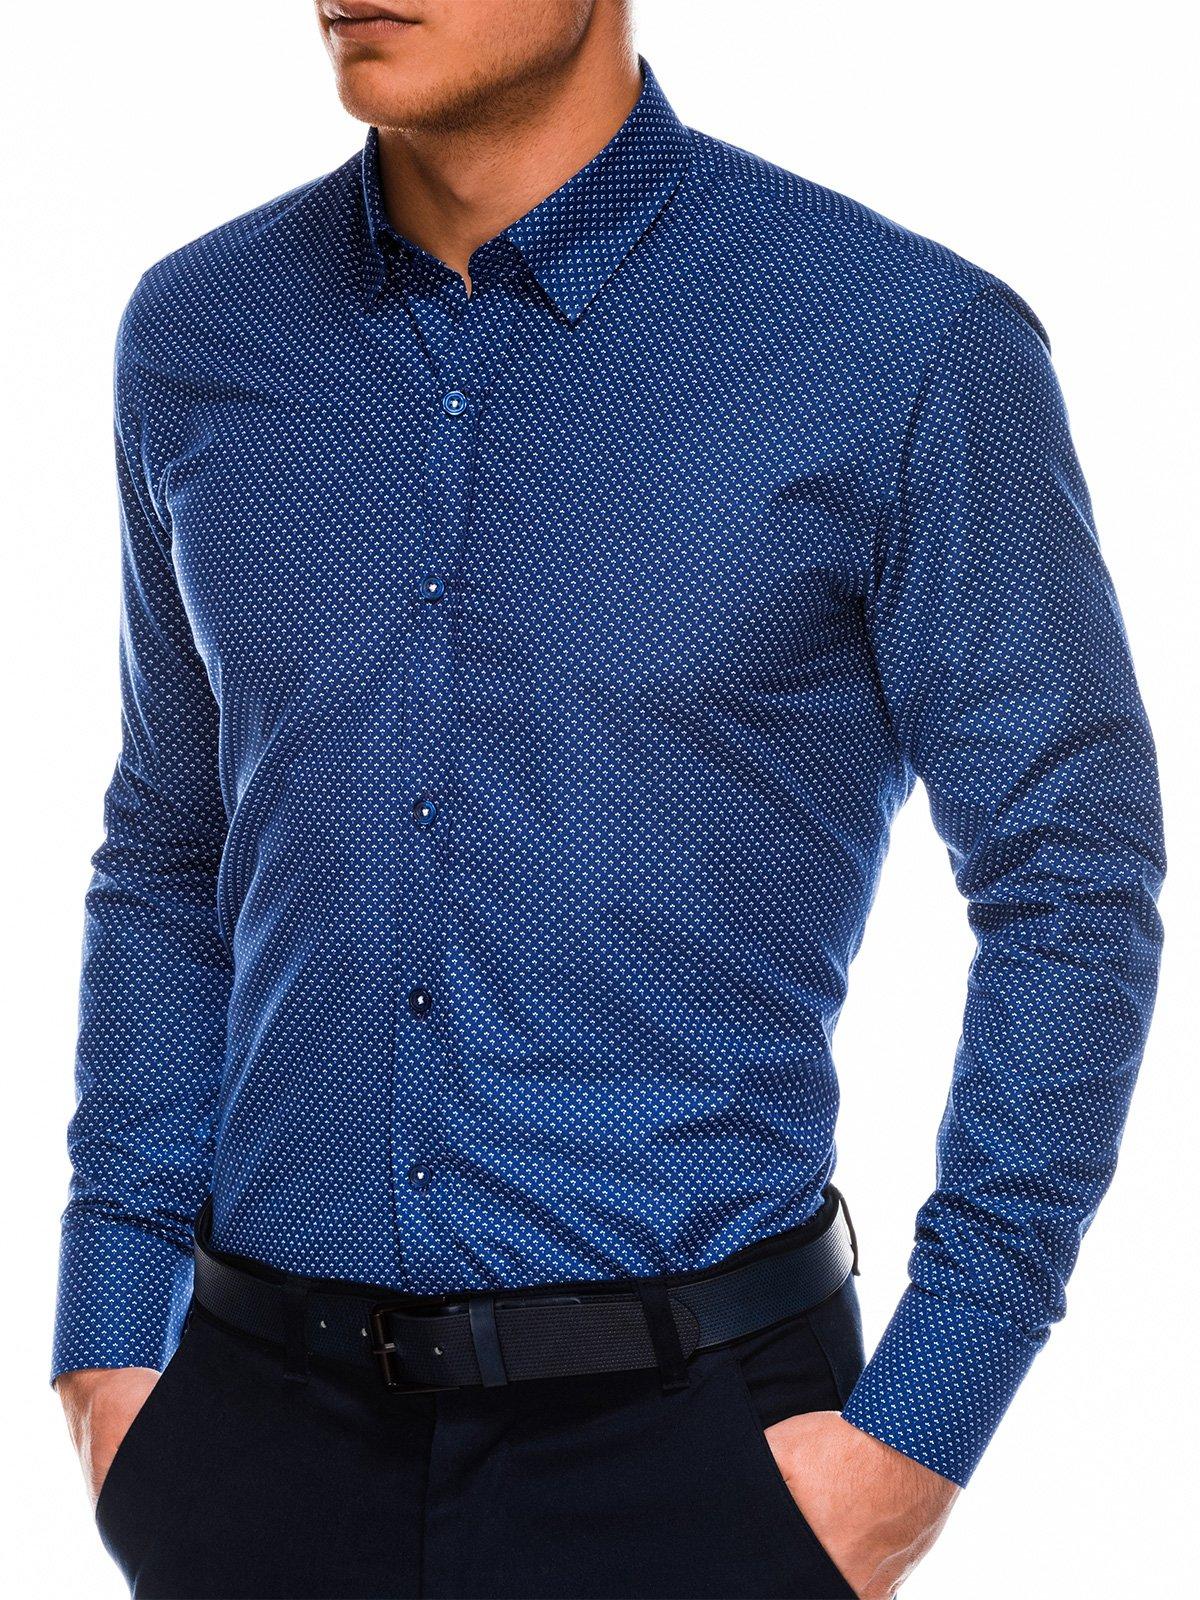 Купить со скидкой Сорочка чоловіча елегантна з довгим рукавом K479 - темно-синя/біла